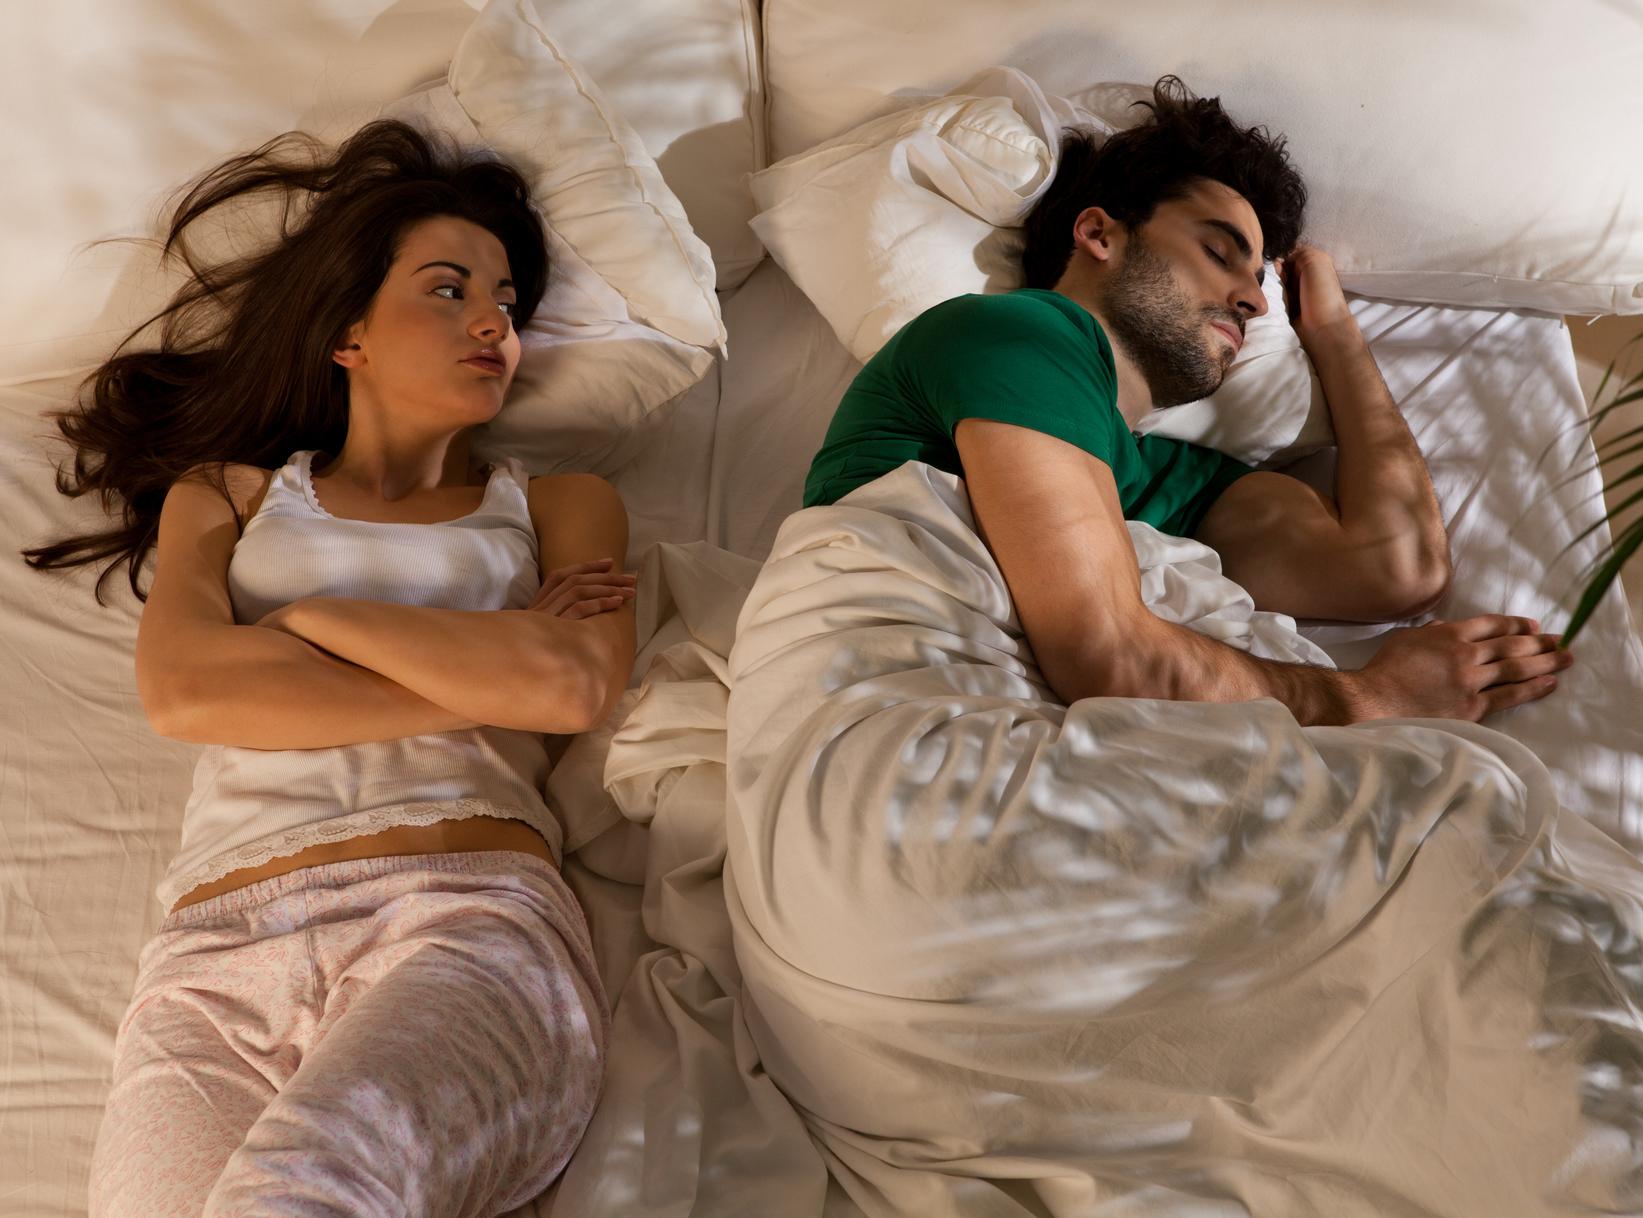 Hoe te verhuizen van dating in een relatie